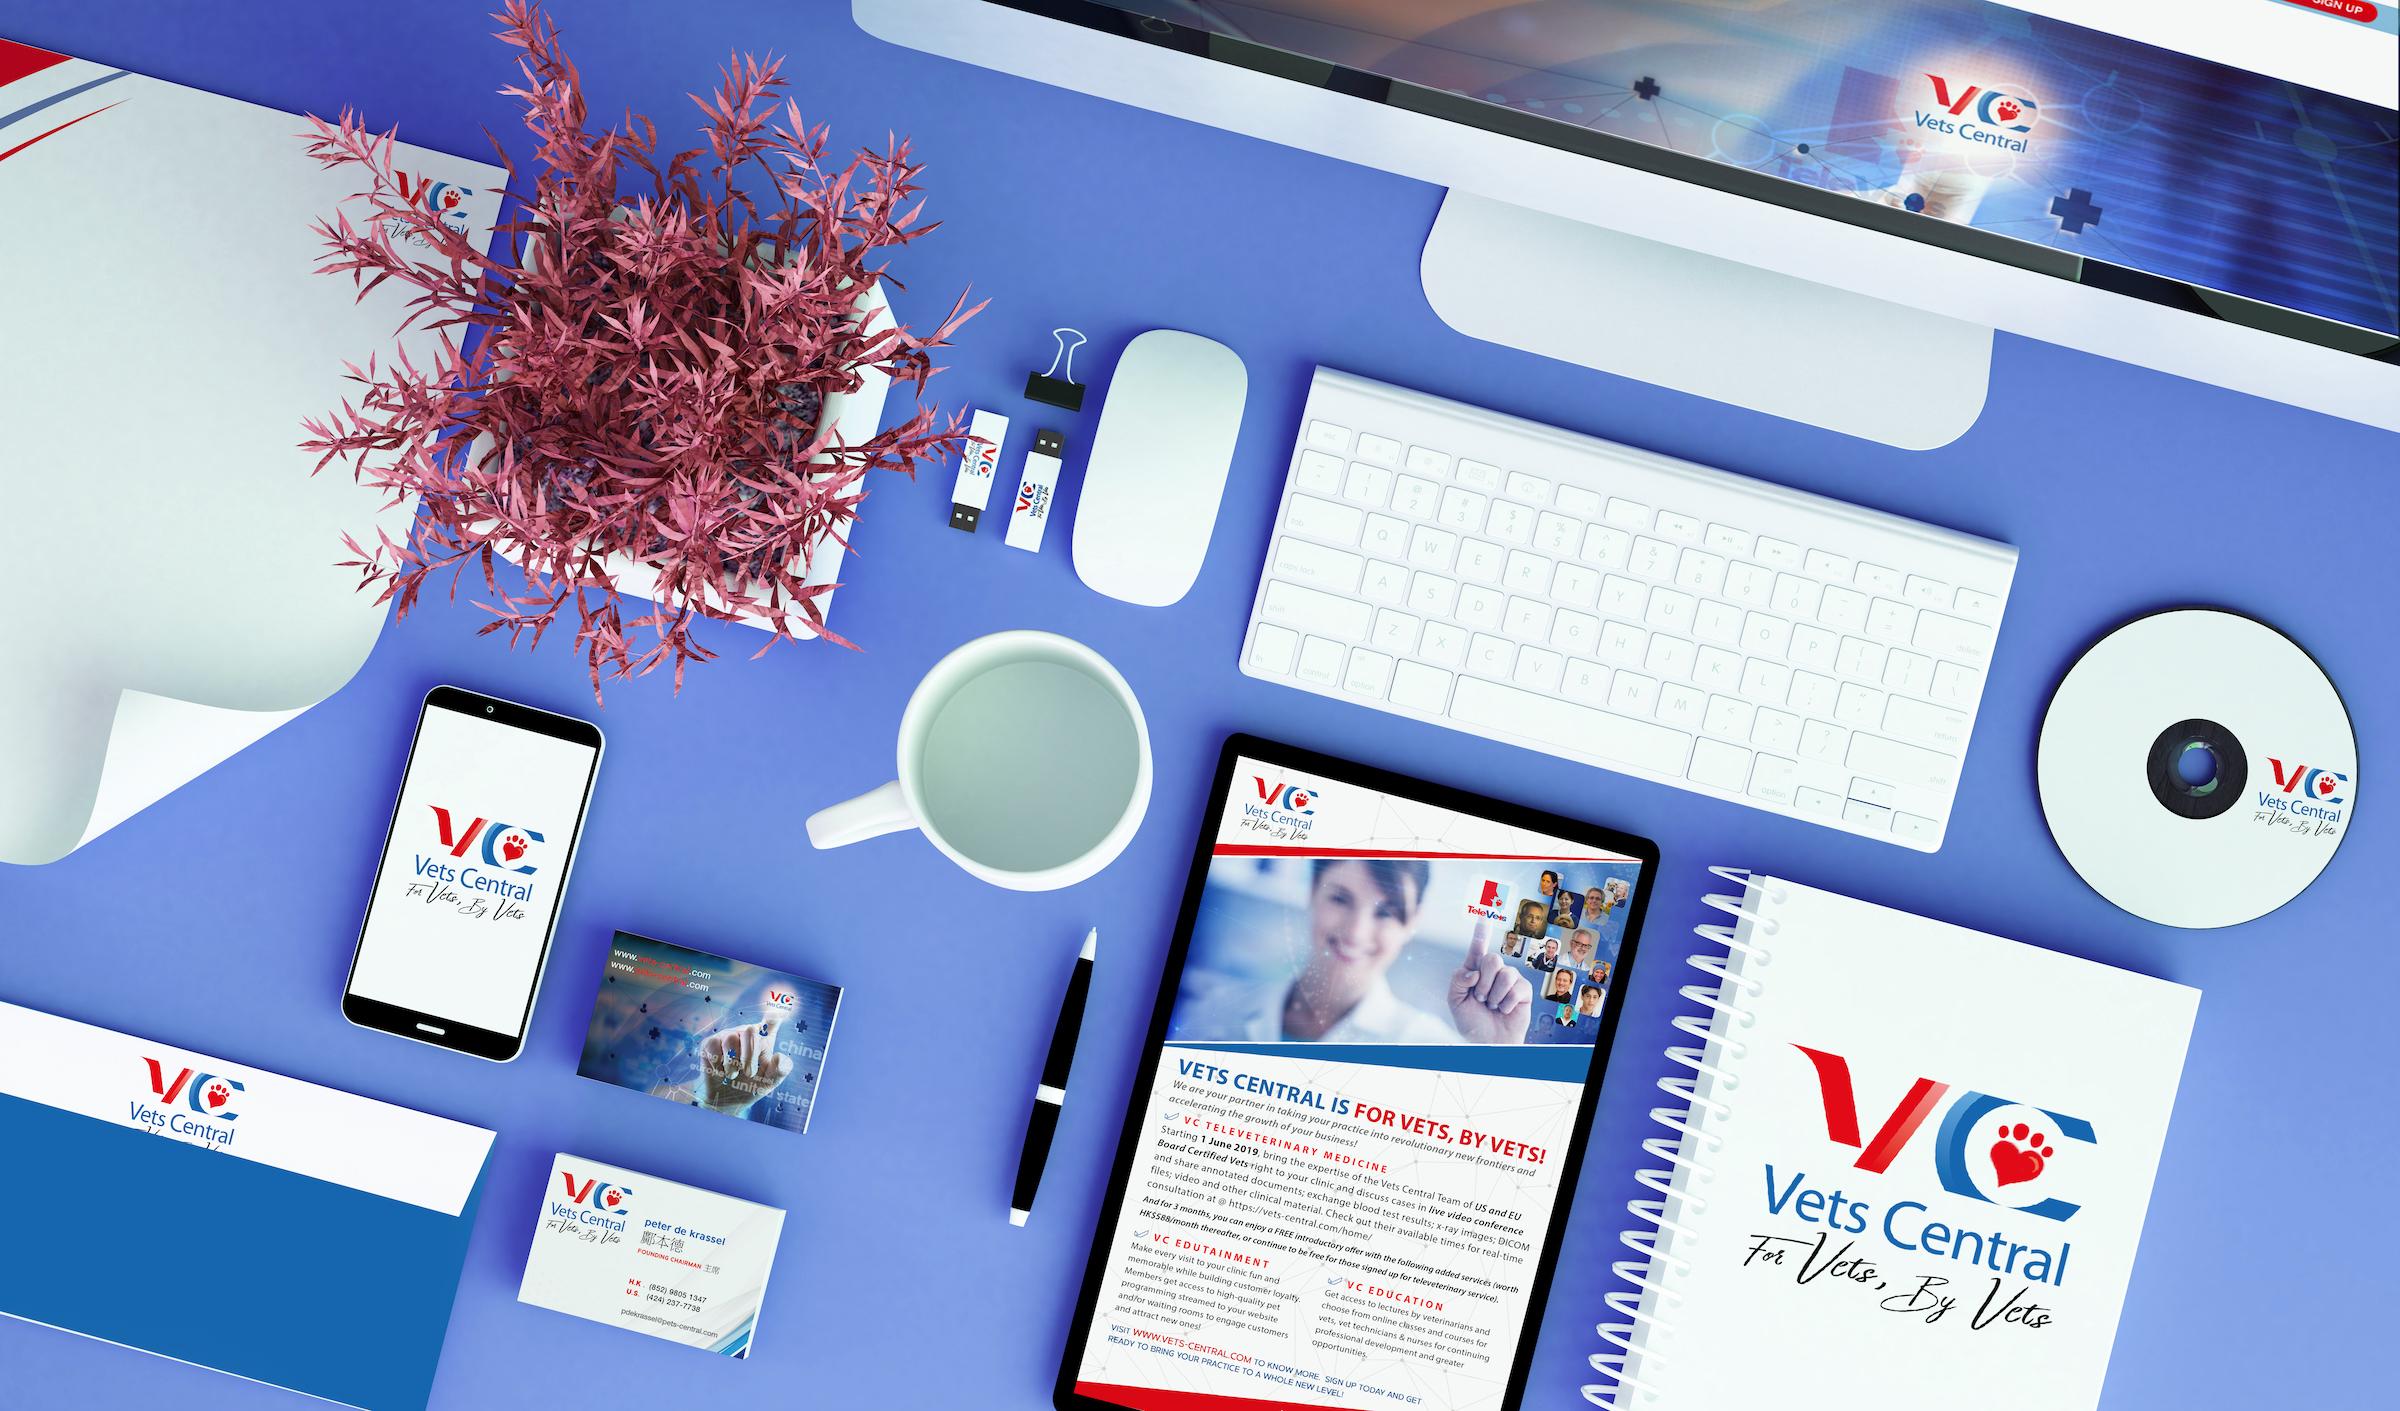 INAEC Corporate Identity Redesign